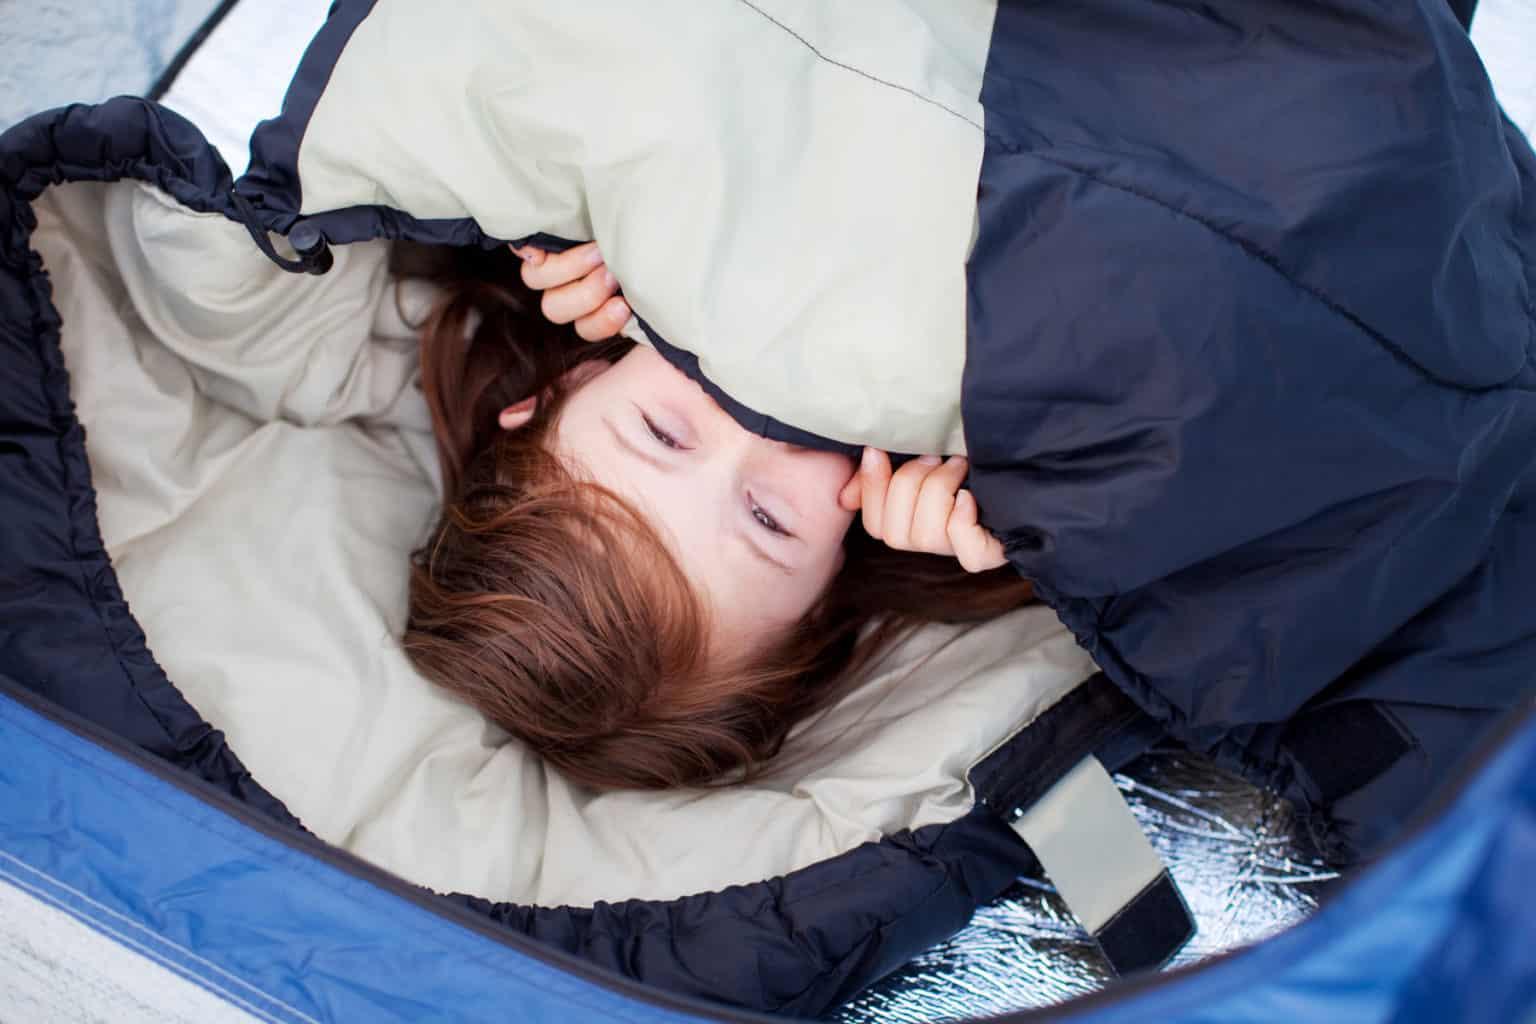 Little Girl Lying In Sleeping Bag